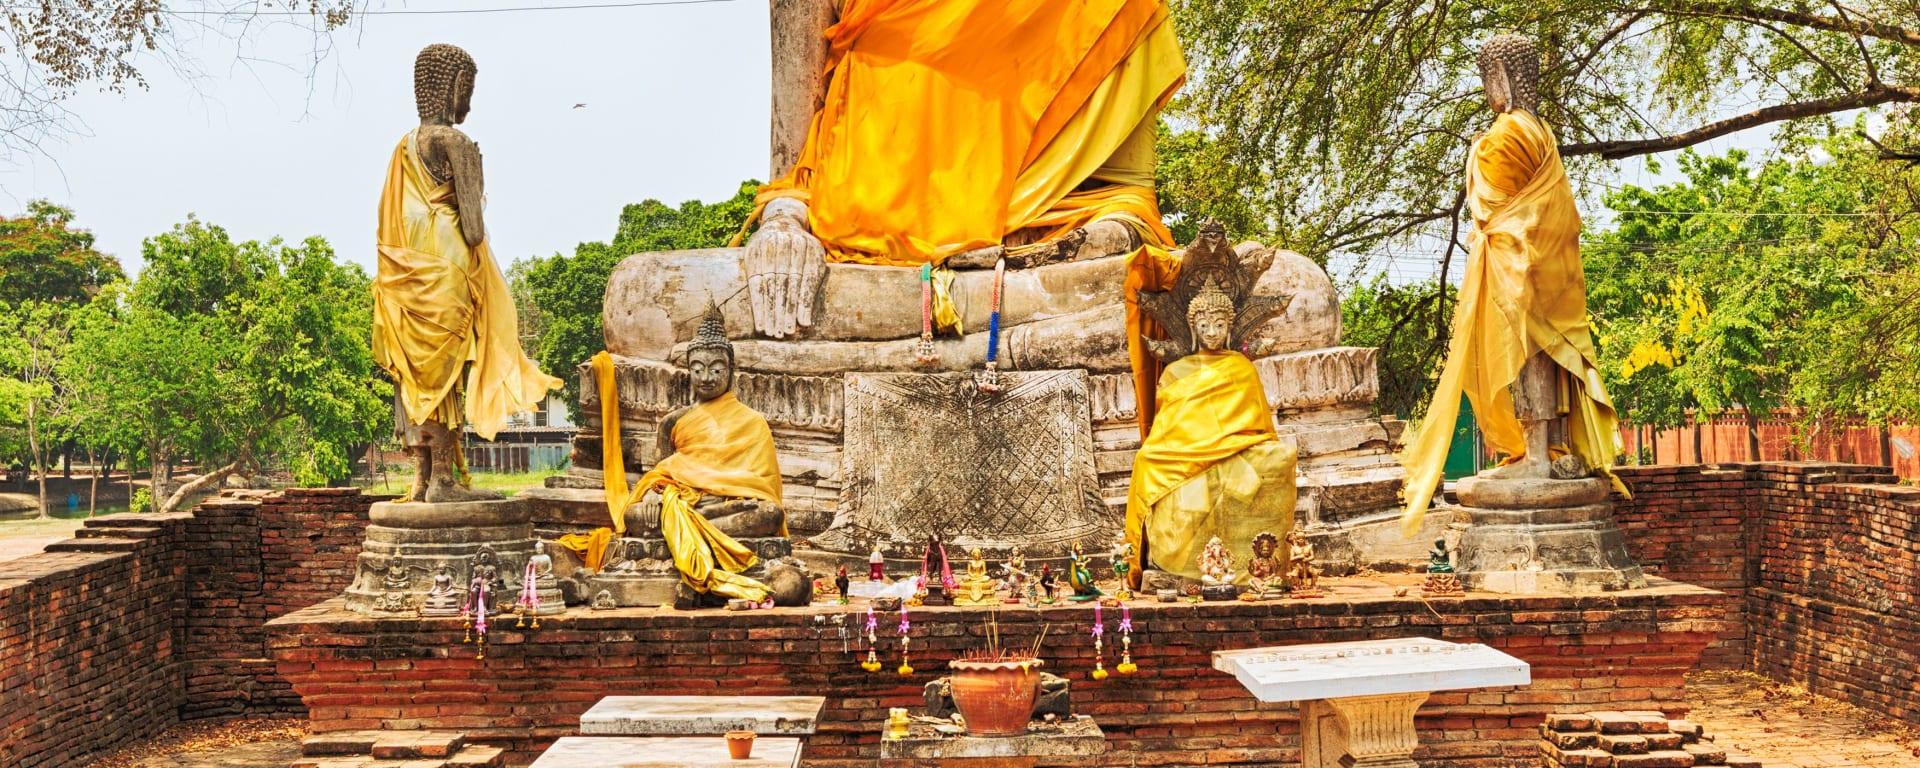 Ayutthaya & Mae Klong ab Bangkok: 1th-ayutthaya-historical-park-st-2015-Khoroshunova Olga